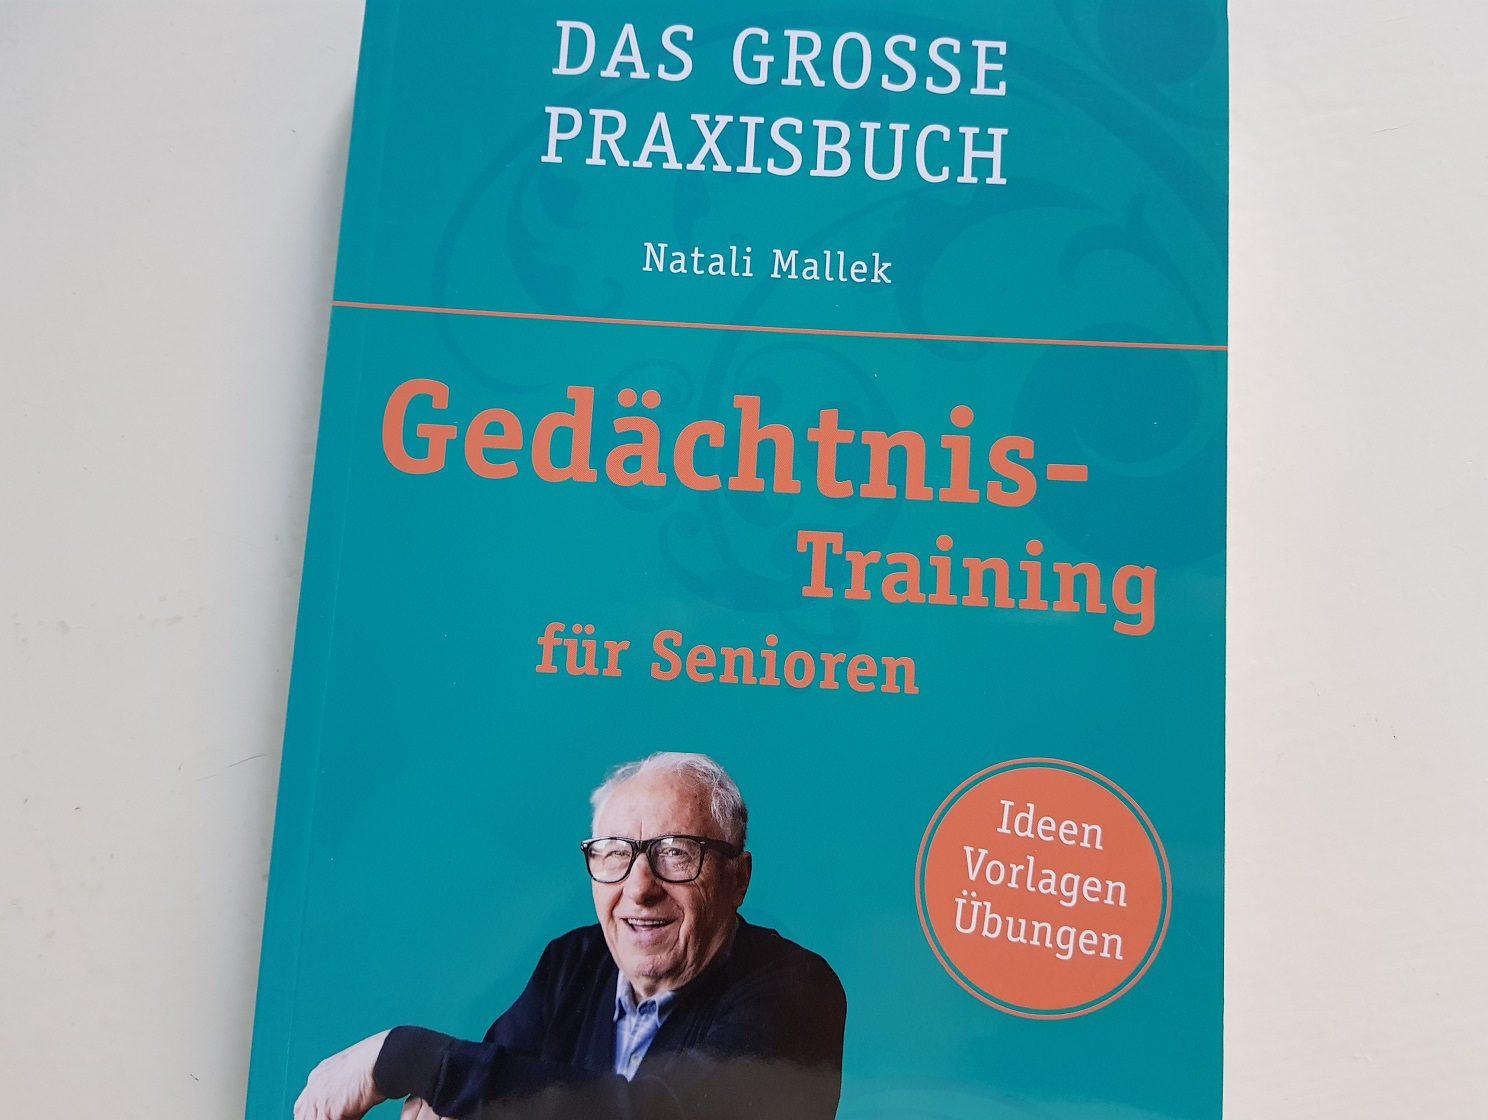 Gedächtnistraining für Senioren mit der Veedelspflege Köln